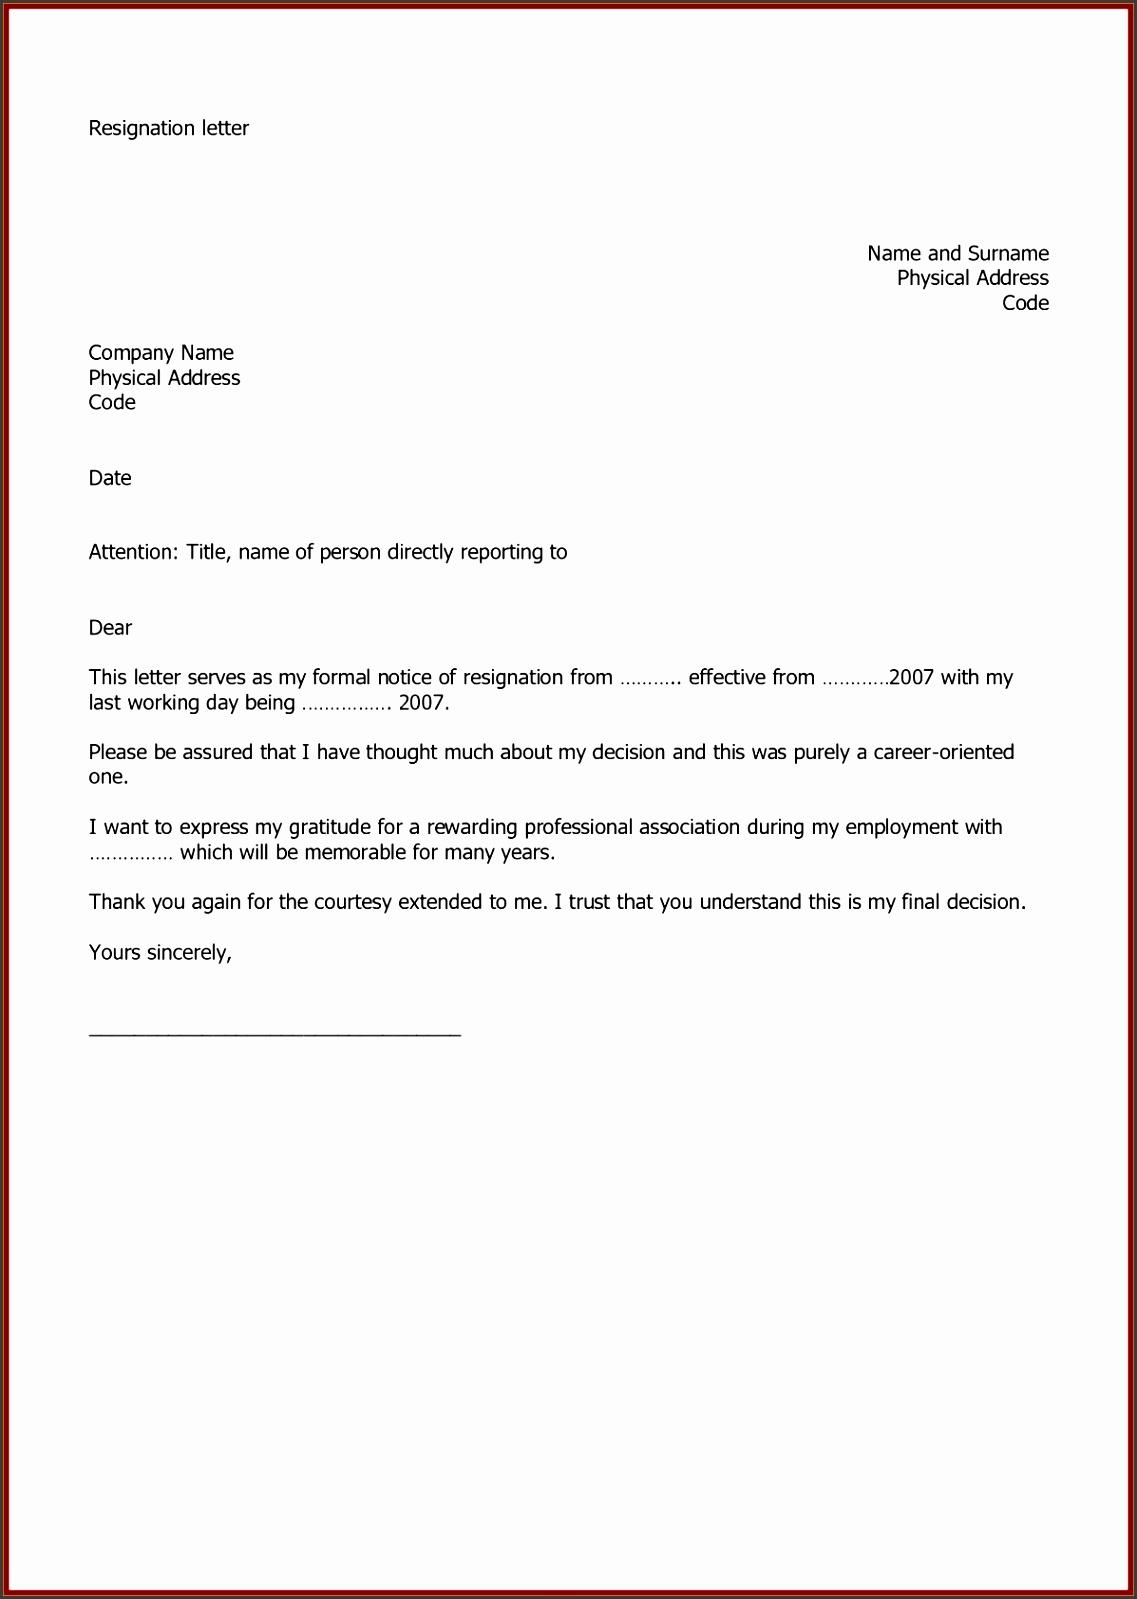 Resignation Letters Resignation Letter Template Sample Word Letter Resignation Template Uk Exolabogados Inspirational Letter Resignation Template